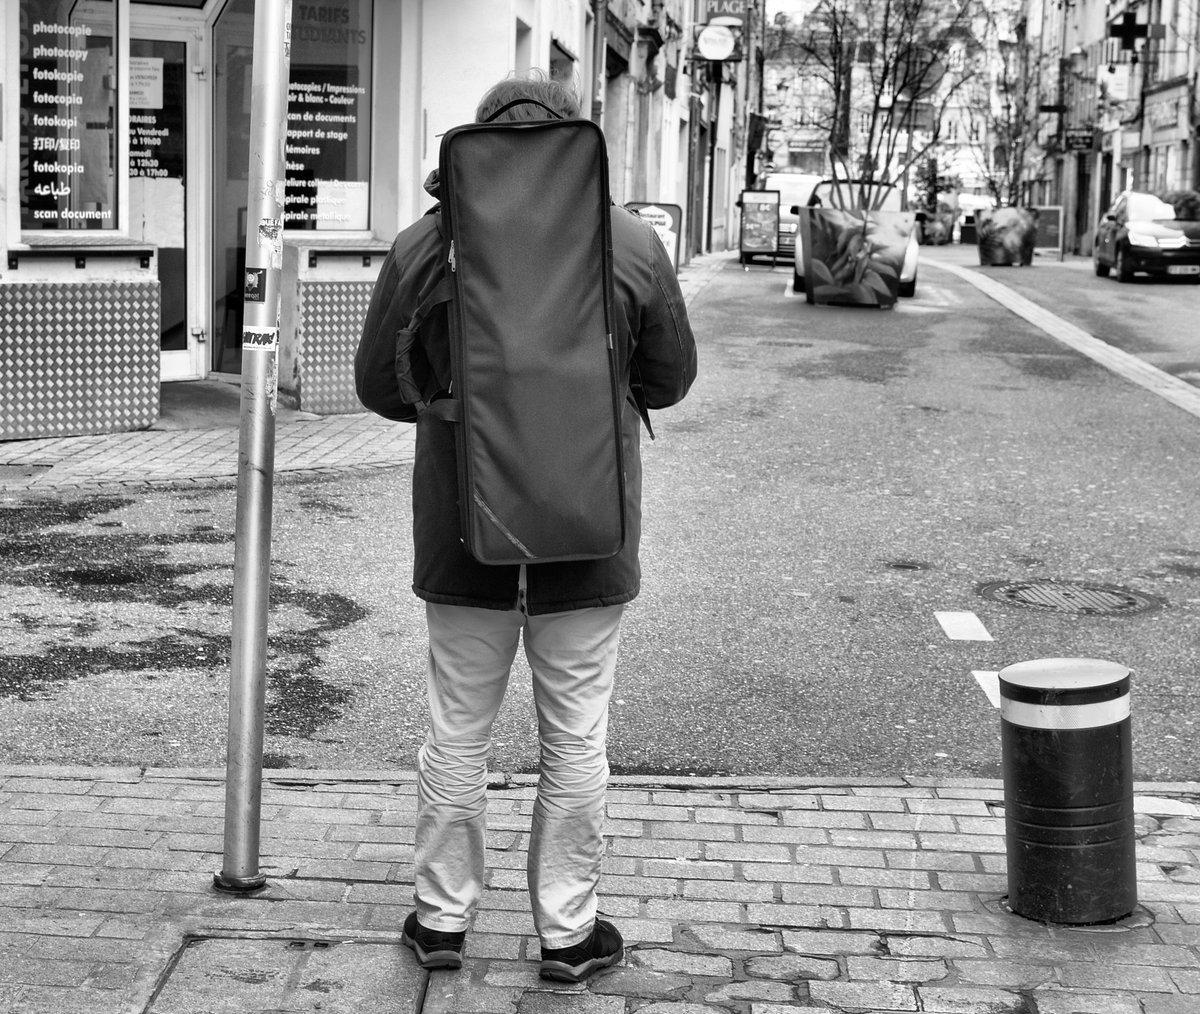 En passant par la rue du Pont des Morts à Metz. #Photo #Photographie #Photography #PhotoOfTheDay #StreetPhoto #StreetPhotography #UrbanPhotography #UrbanPhoto #NoirEtBlanc #BlackAndWhite #BlackAndWhitePhoto #BlackAndWhitePhotography #StreetLife #CityLife #Metz #France SG*📸 Jan21